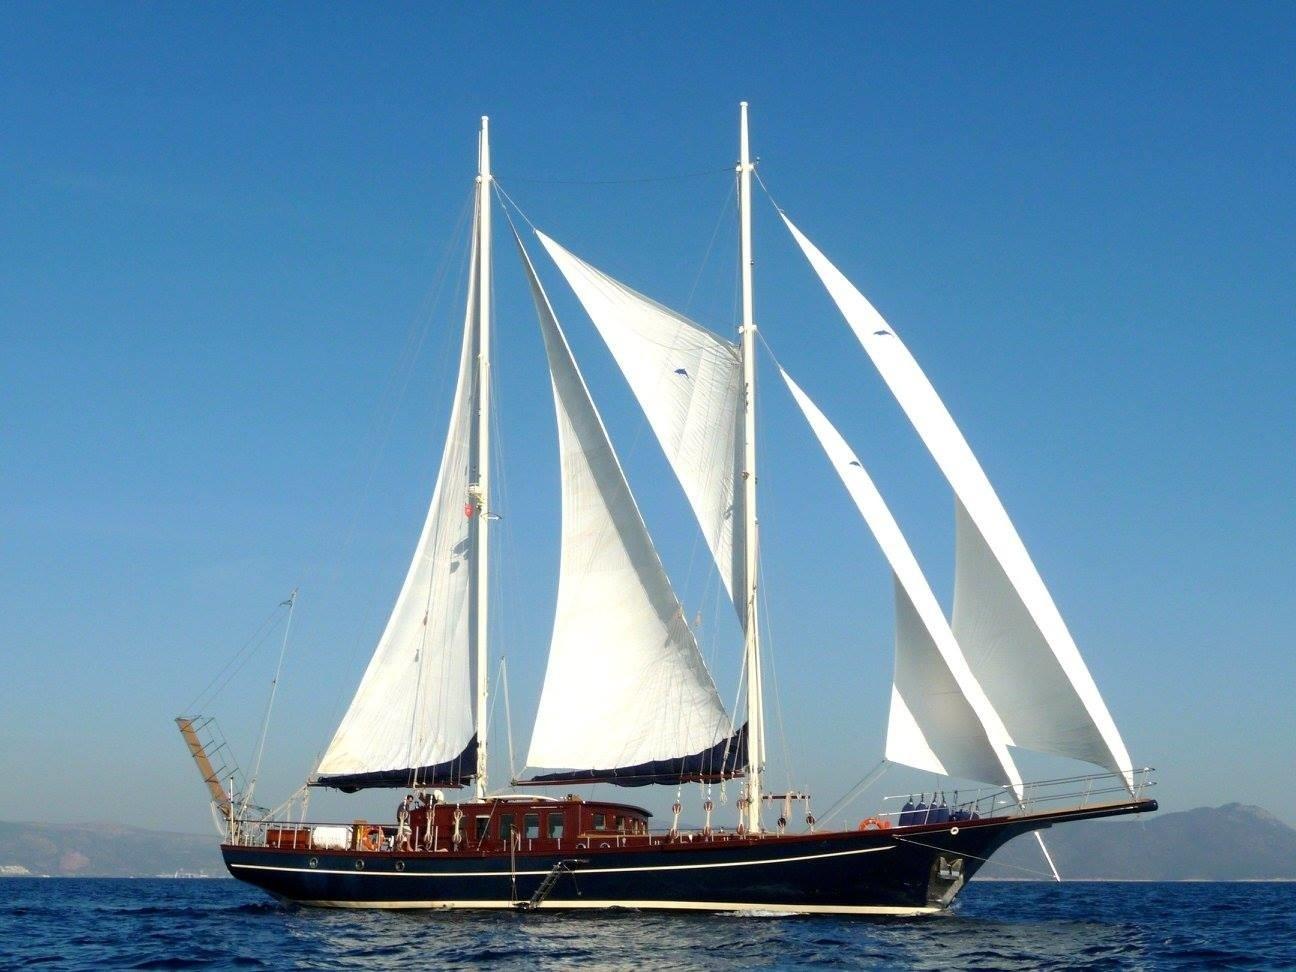 smart spirit 1 yacht charter details  gulet charter yacht